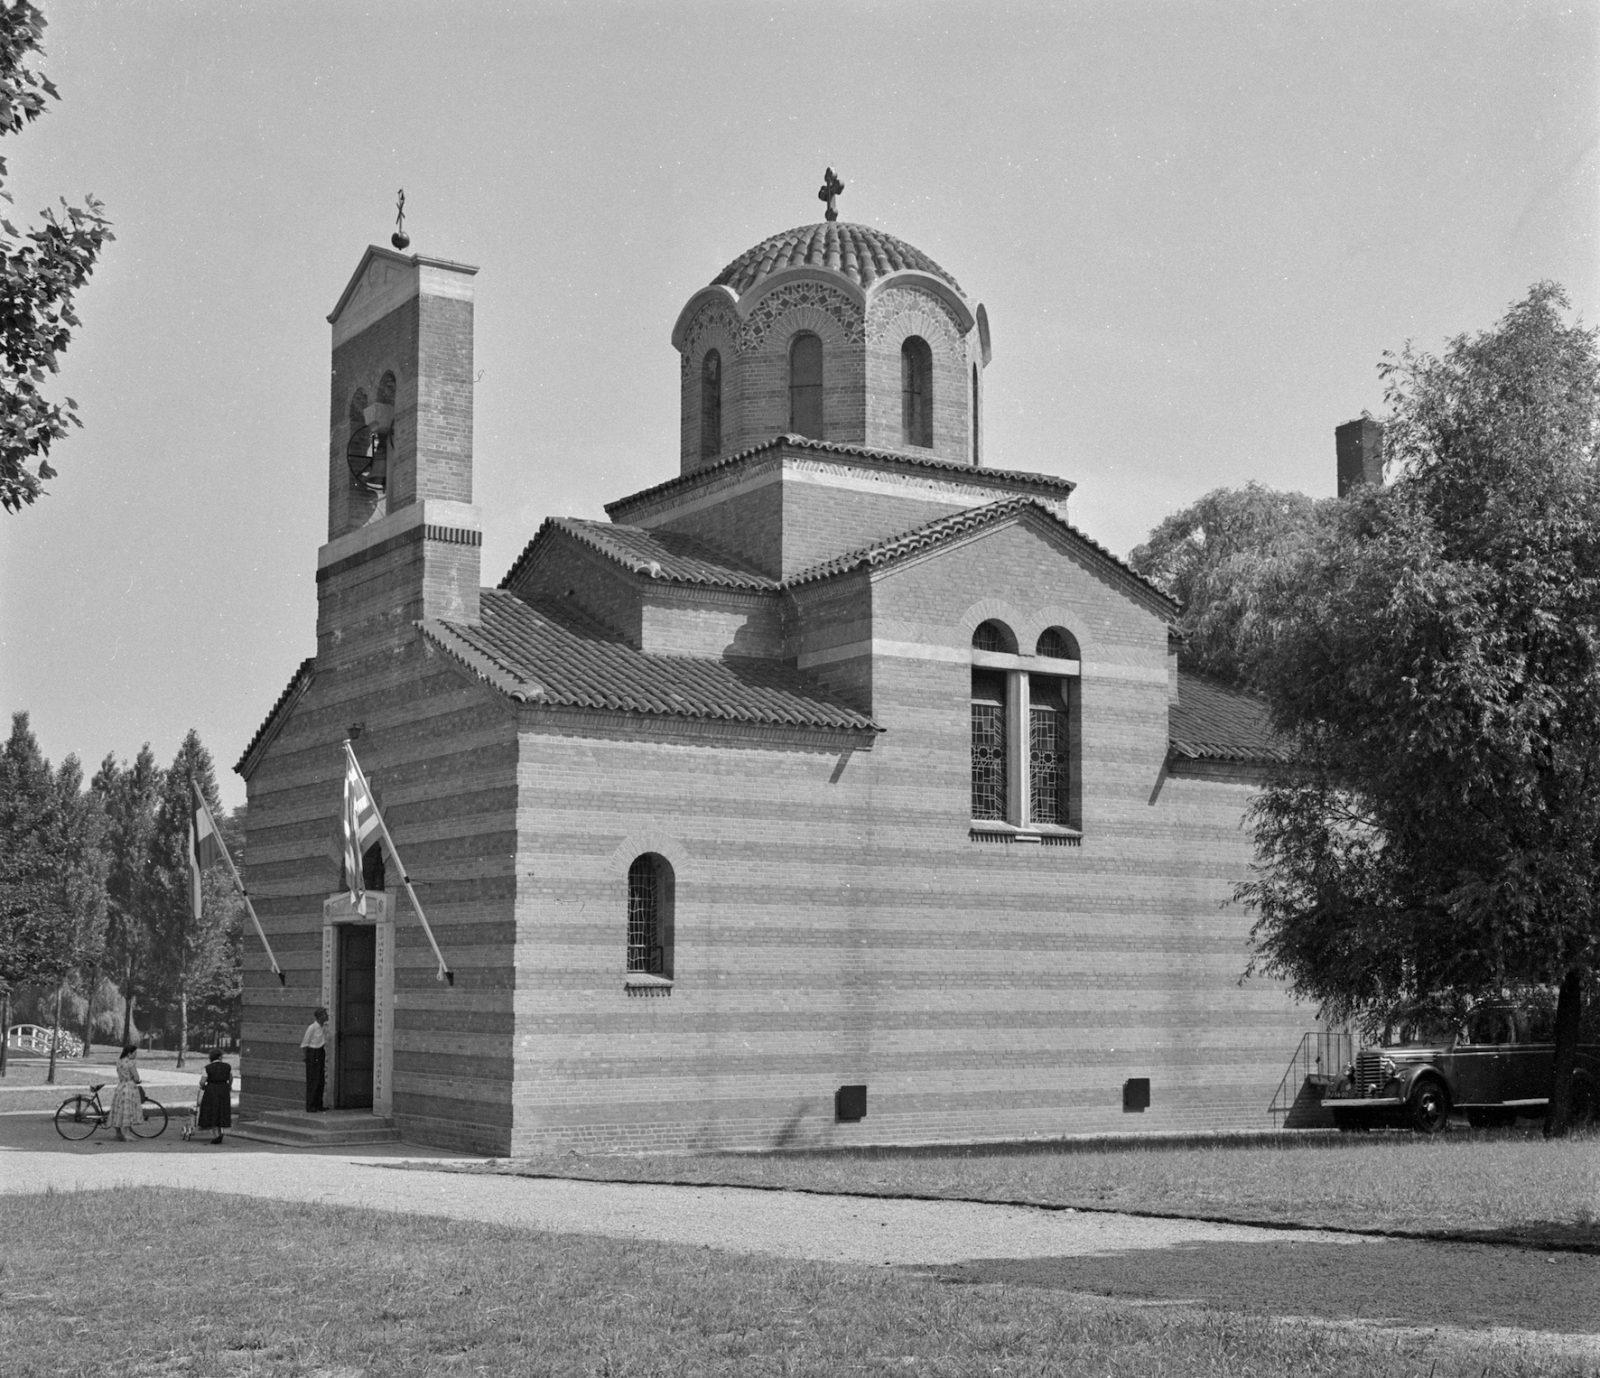 Griekse kerk 1957 06 NL Rt SA 4121 691 ag